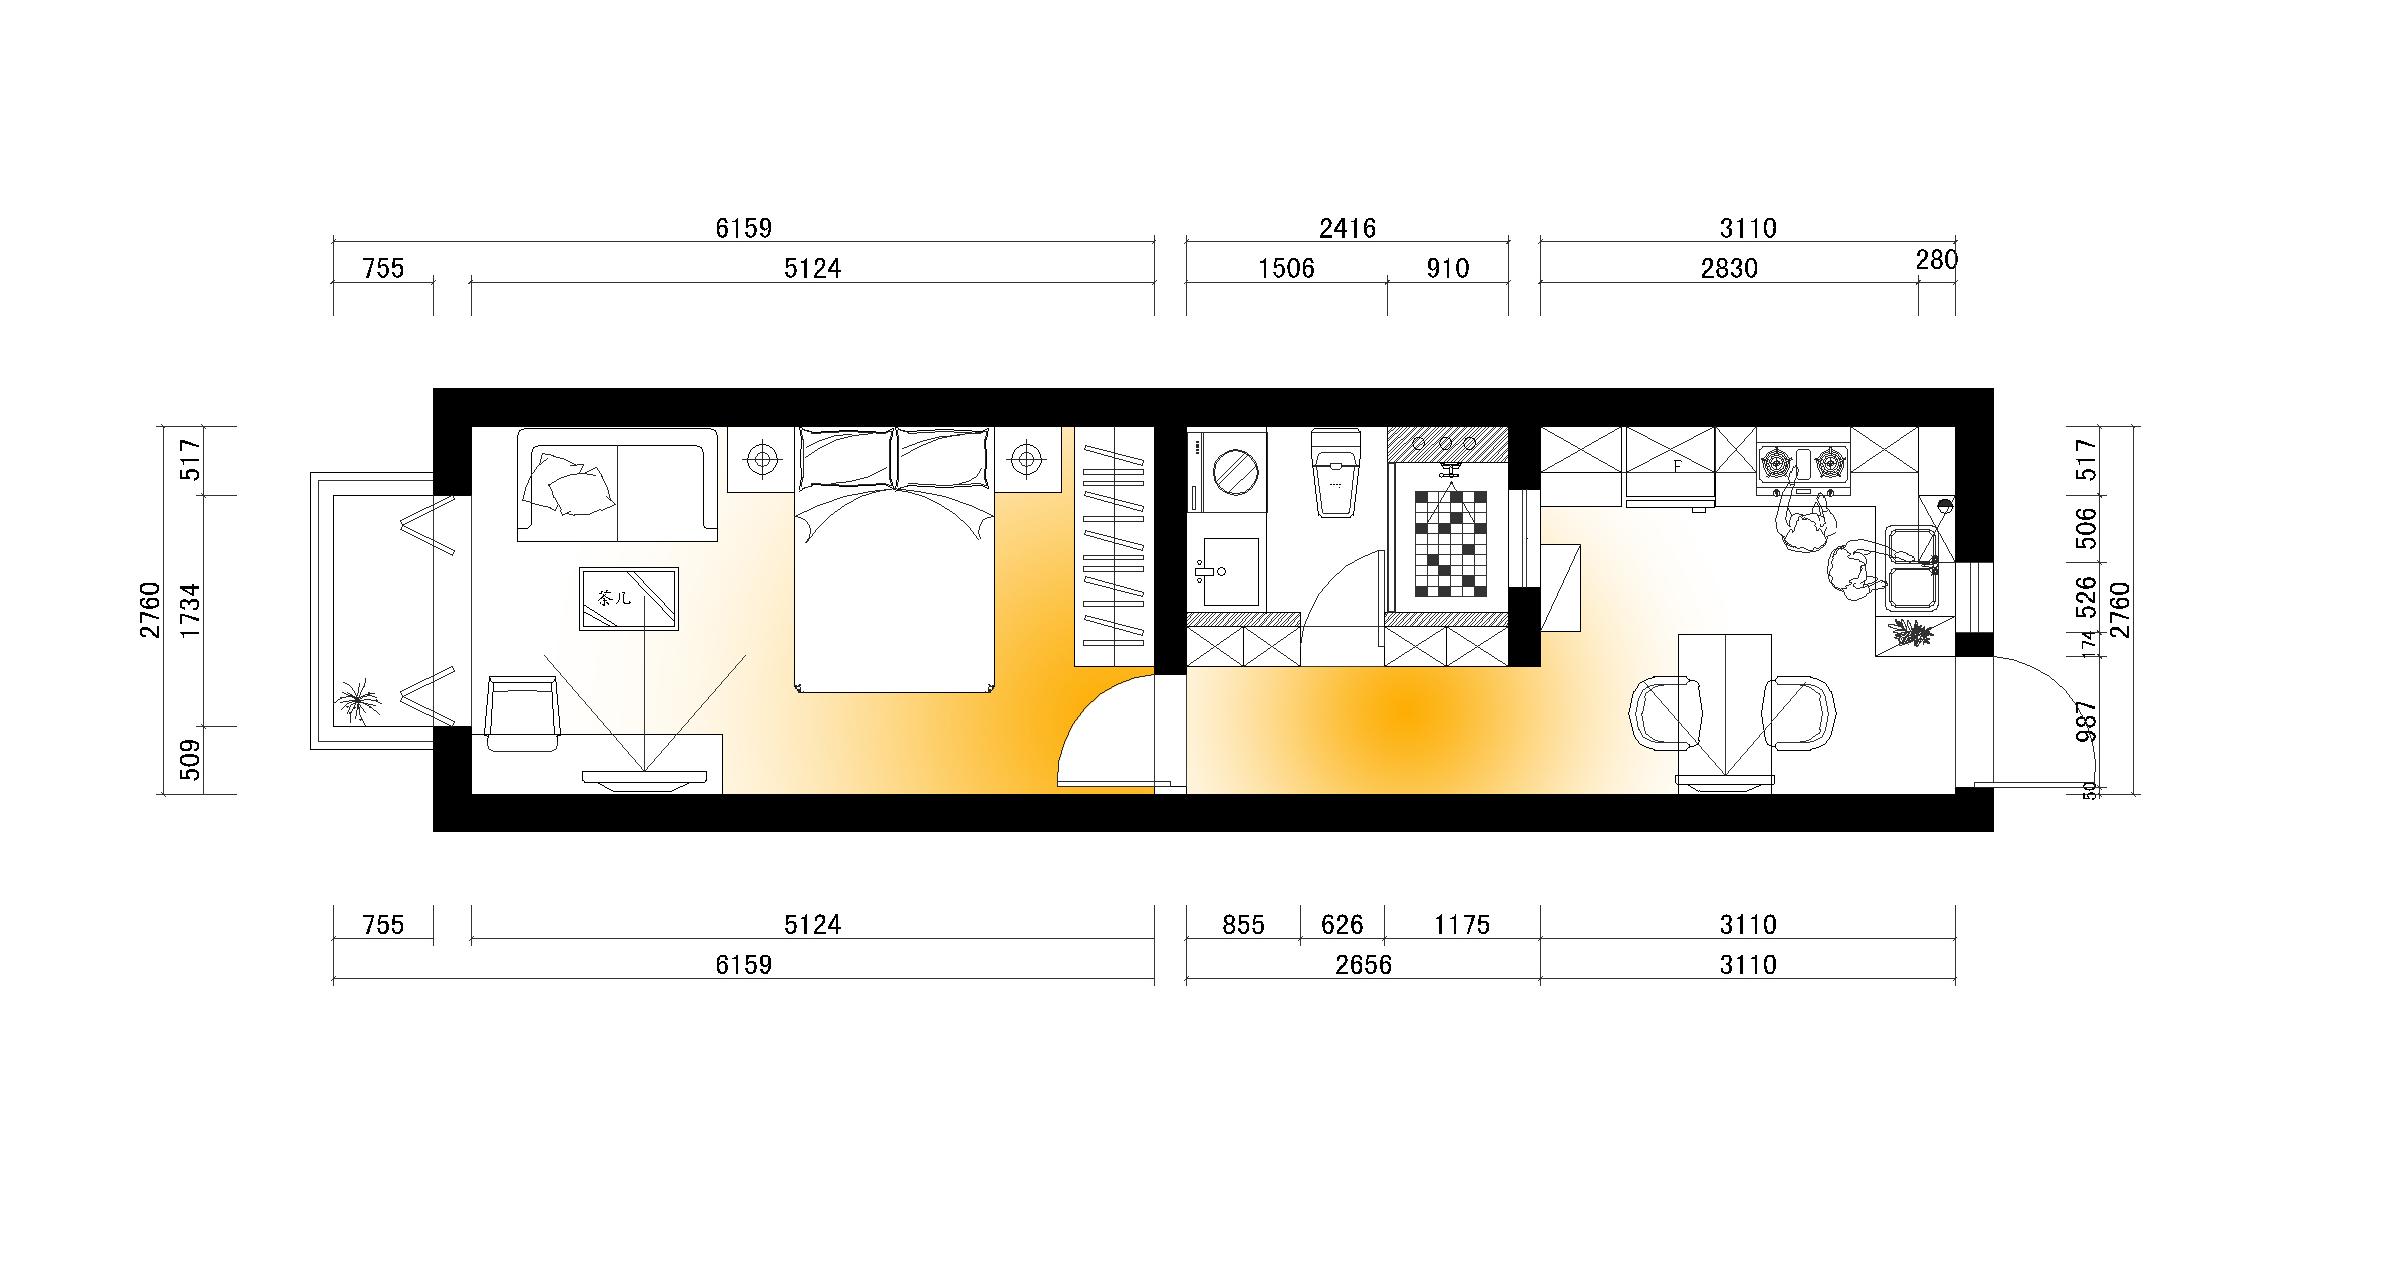 平面图-室内平面图,平面设计图纸,房屋平面图怎么画